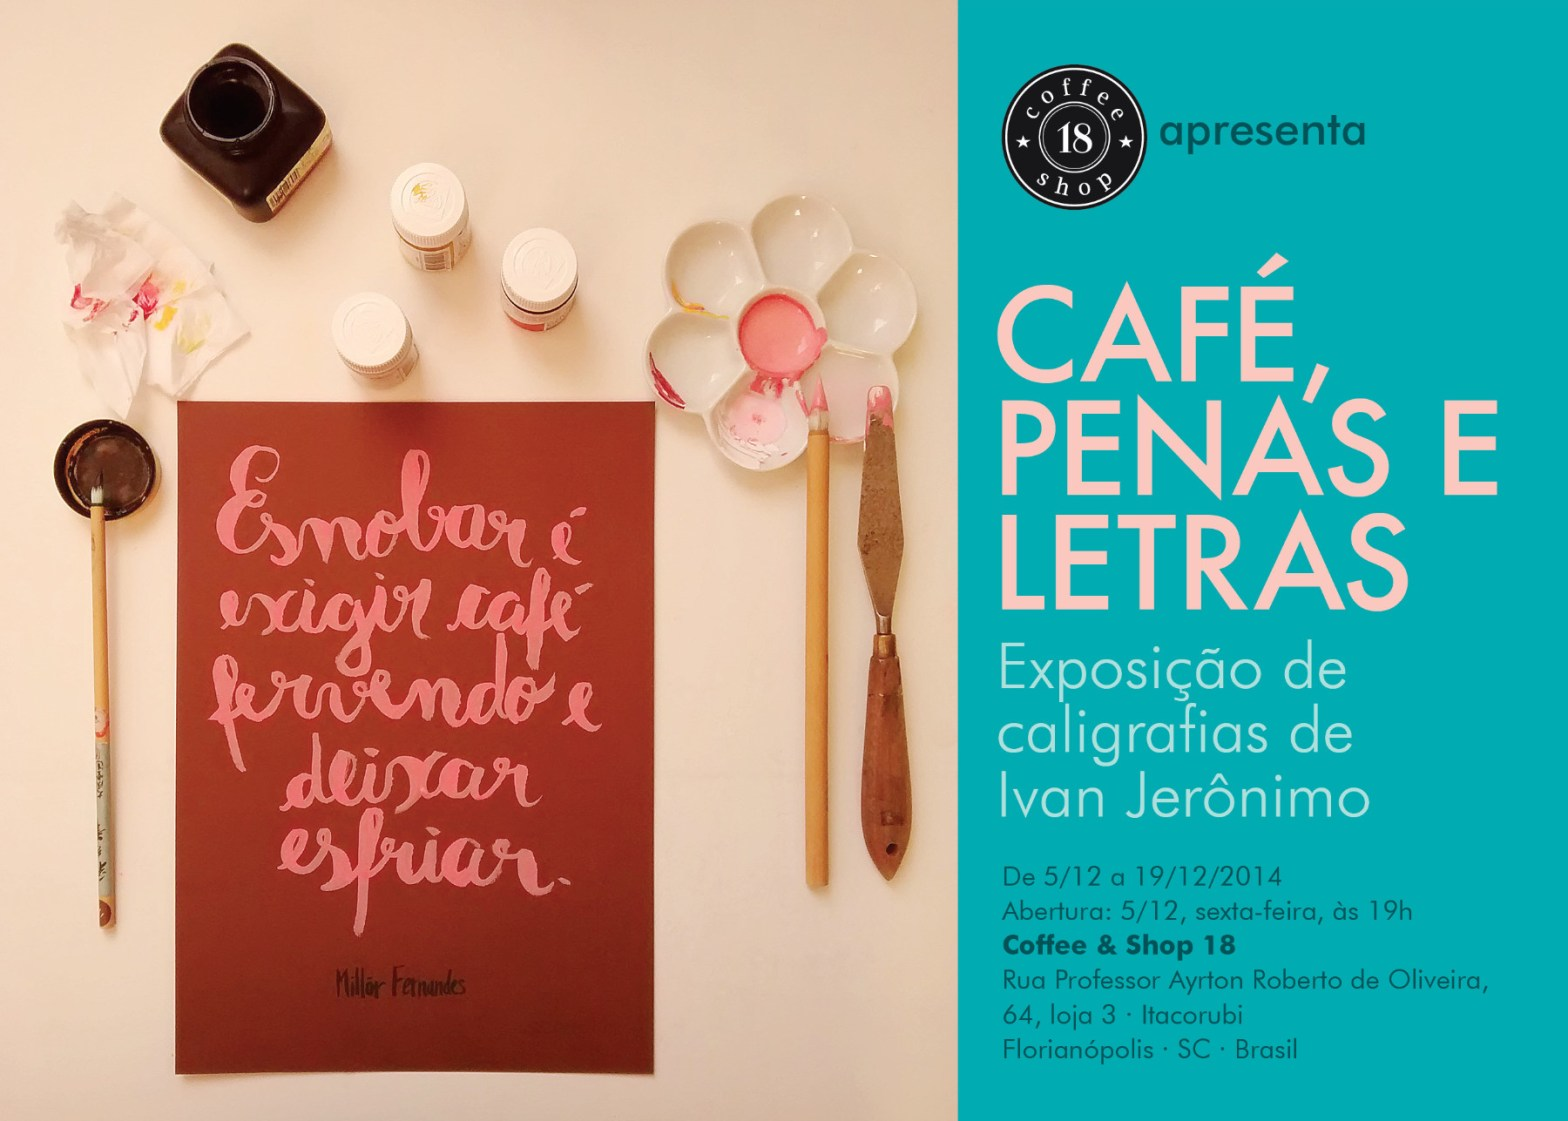 """Convite da exposição """"Café, penas e letras"""", com uma obra de caligrafia na mesa onde se lê """"Esnobar é pedir café fervendo e deixar esfriar"""""""